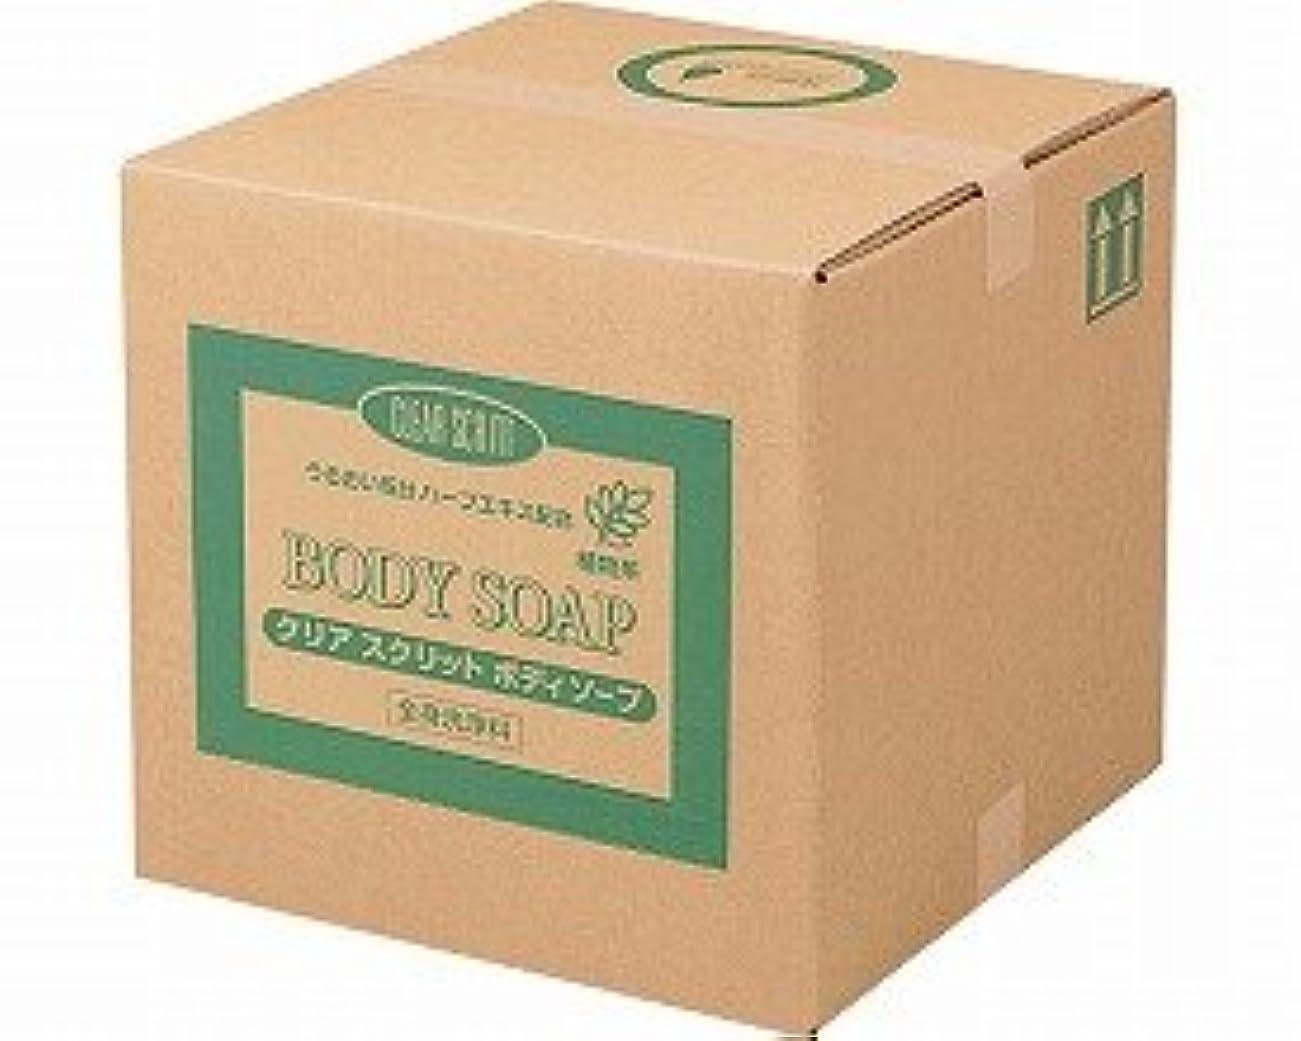 クライストチャーチお金喜劇CLEAR SCRITT(クリアスクリット) ボディソープ 18L コック付 4355 (熊野油脂) (清拭小物)